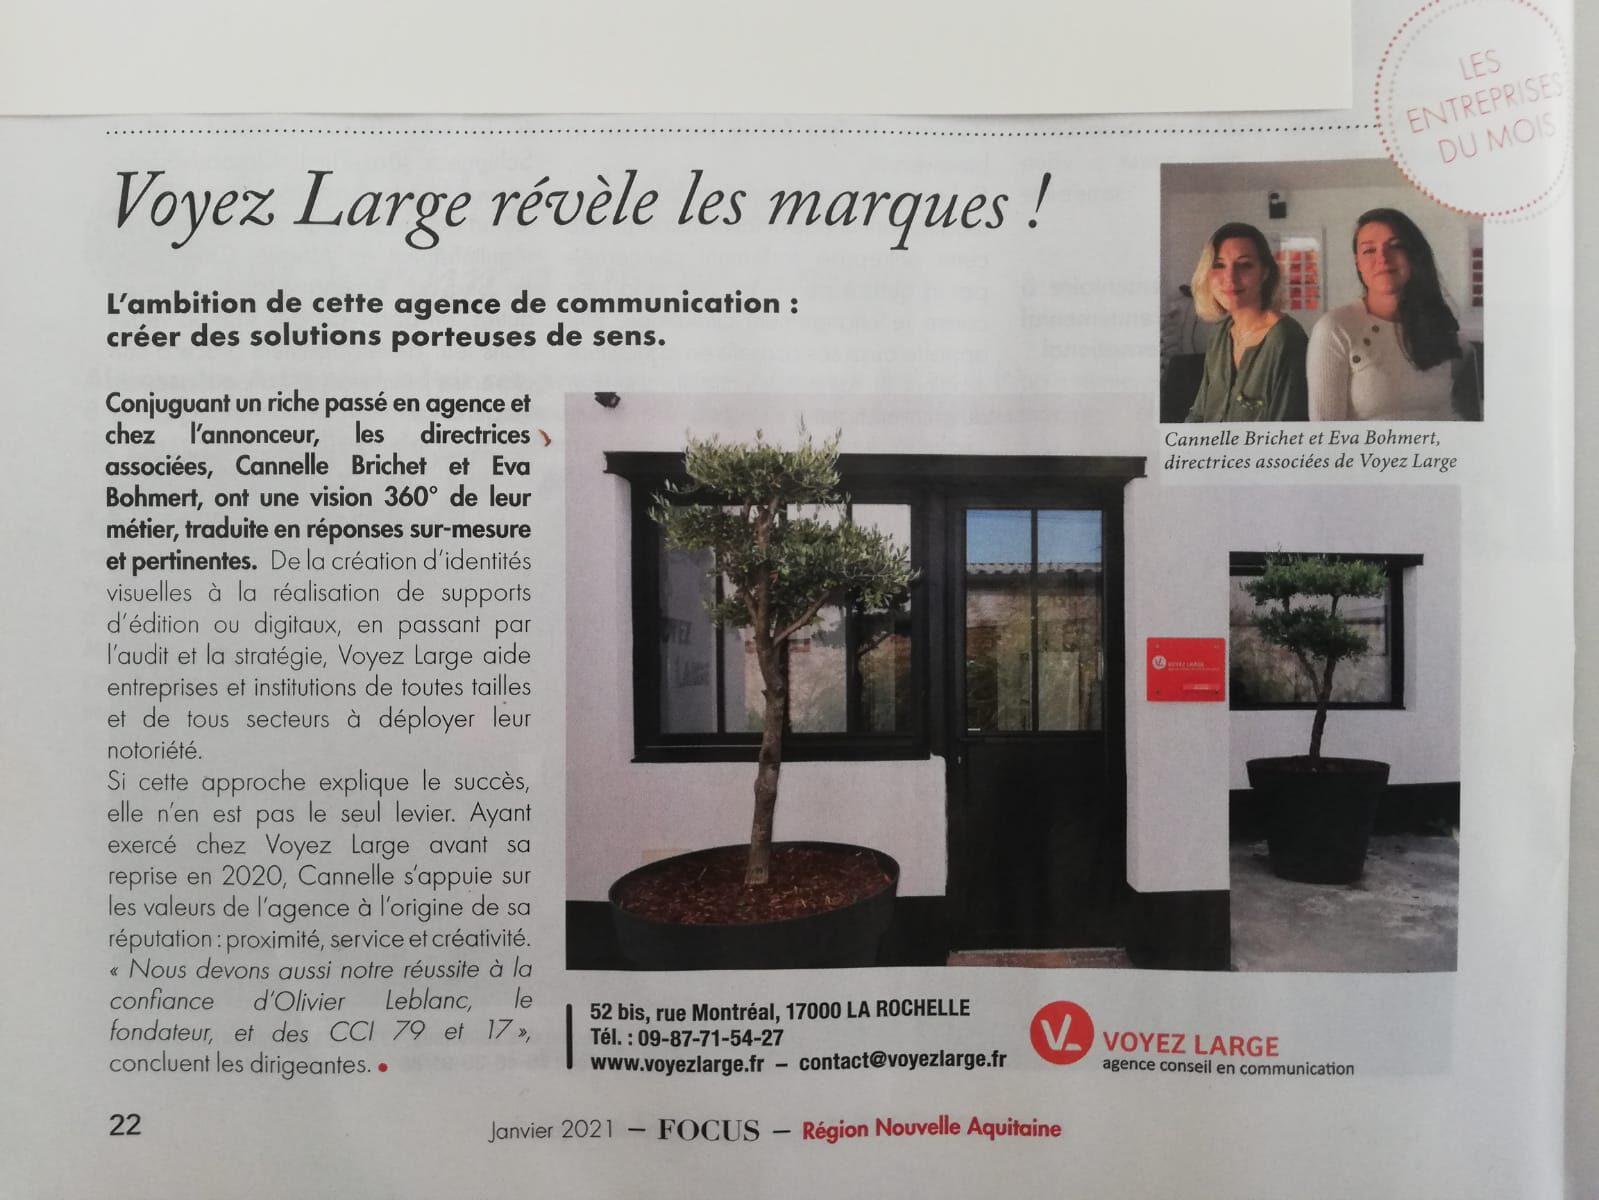 Voyez Large dans l'Obs Nouvelle Aquitaine La Rochelle